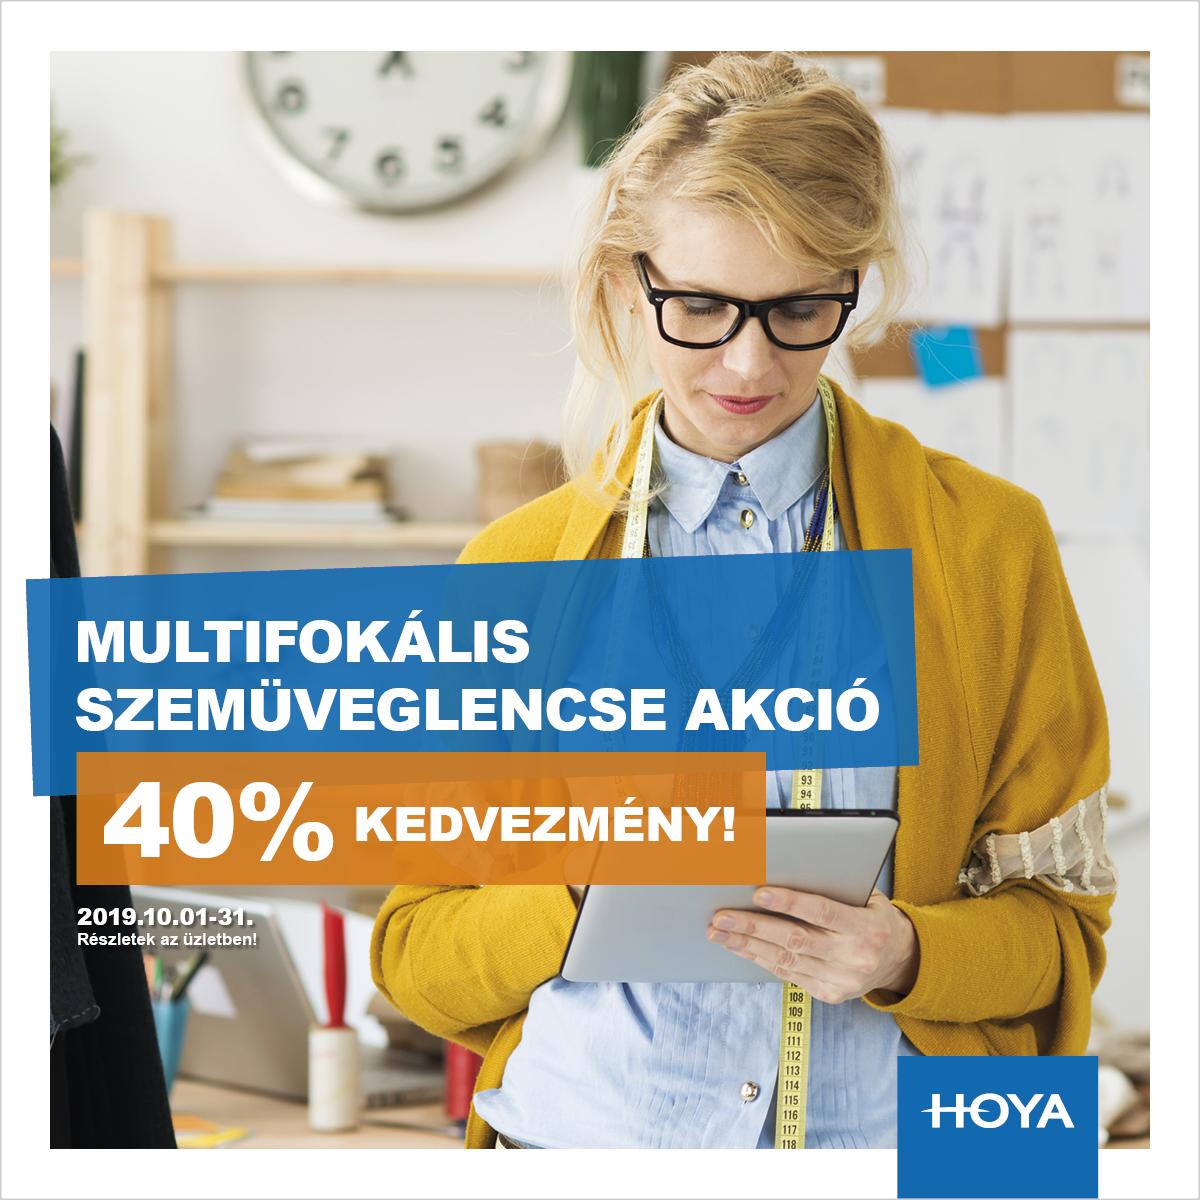 Hoya multifokális szemüveglencsék 40% kedvezménnyel!